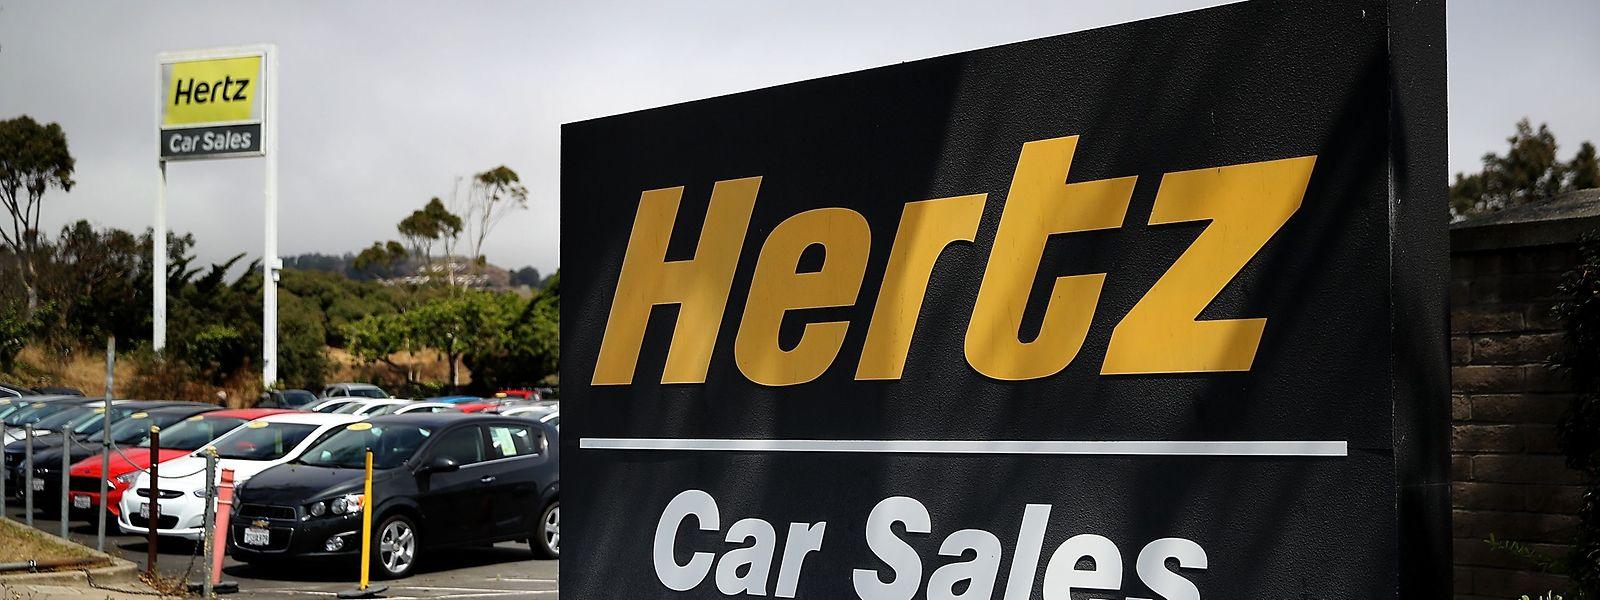 In der Krise sind dem Autovermieter die Umsätze weggebrochen.